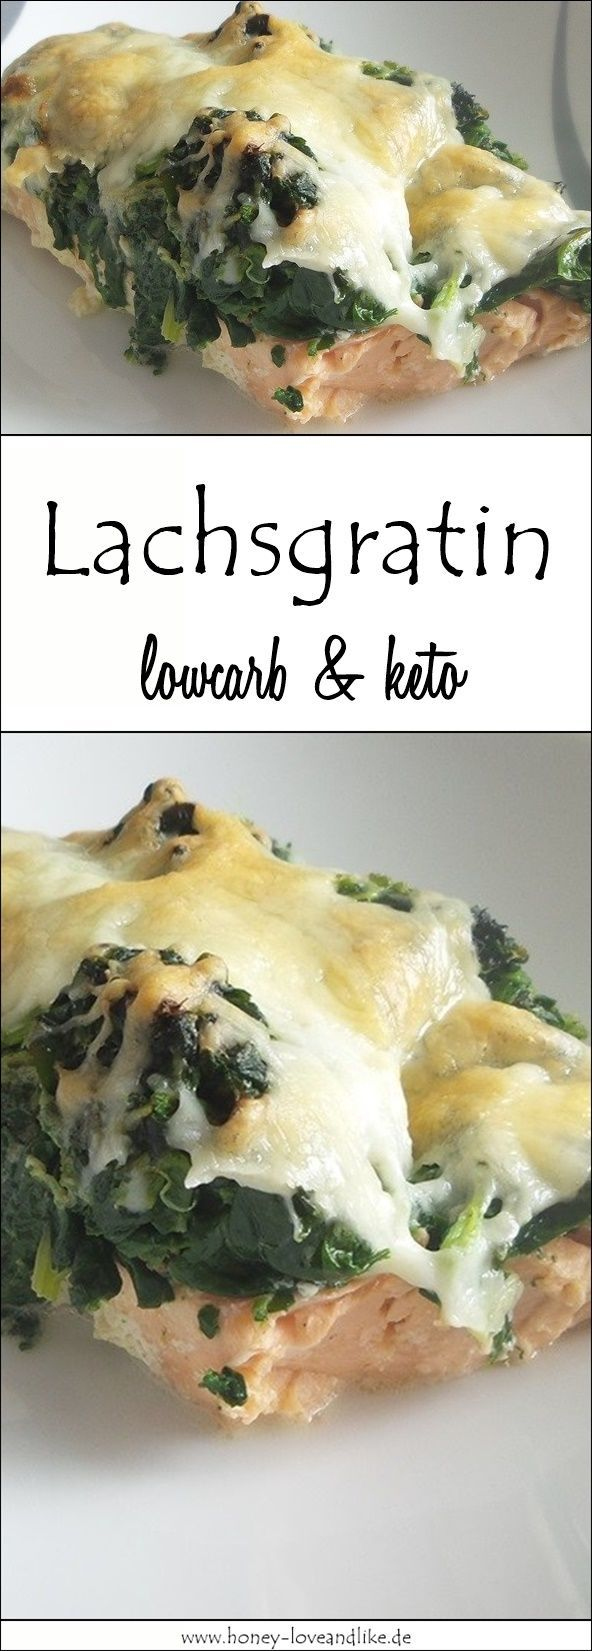 Ketogenes Lowcarb Lachsgratin mit Blattspinat und viel Käse